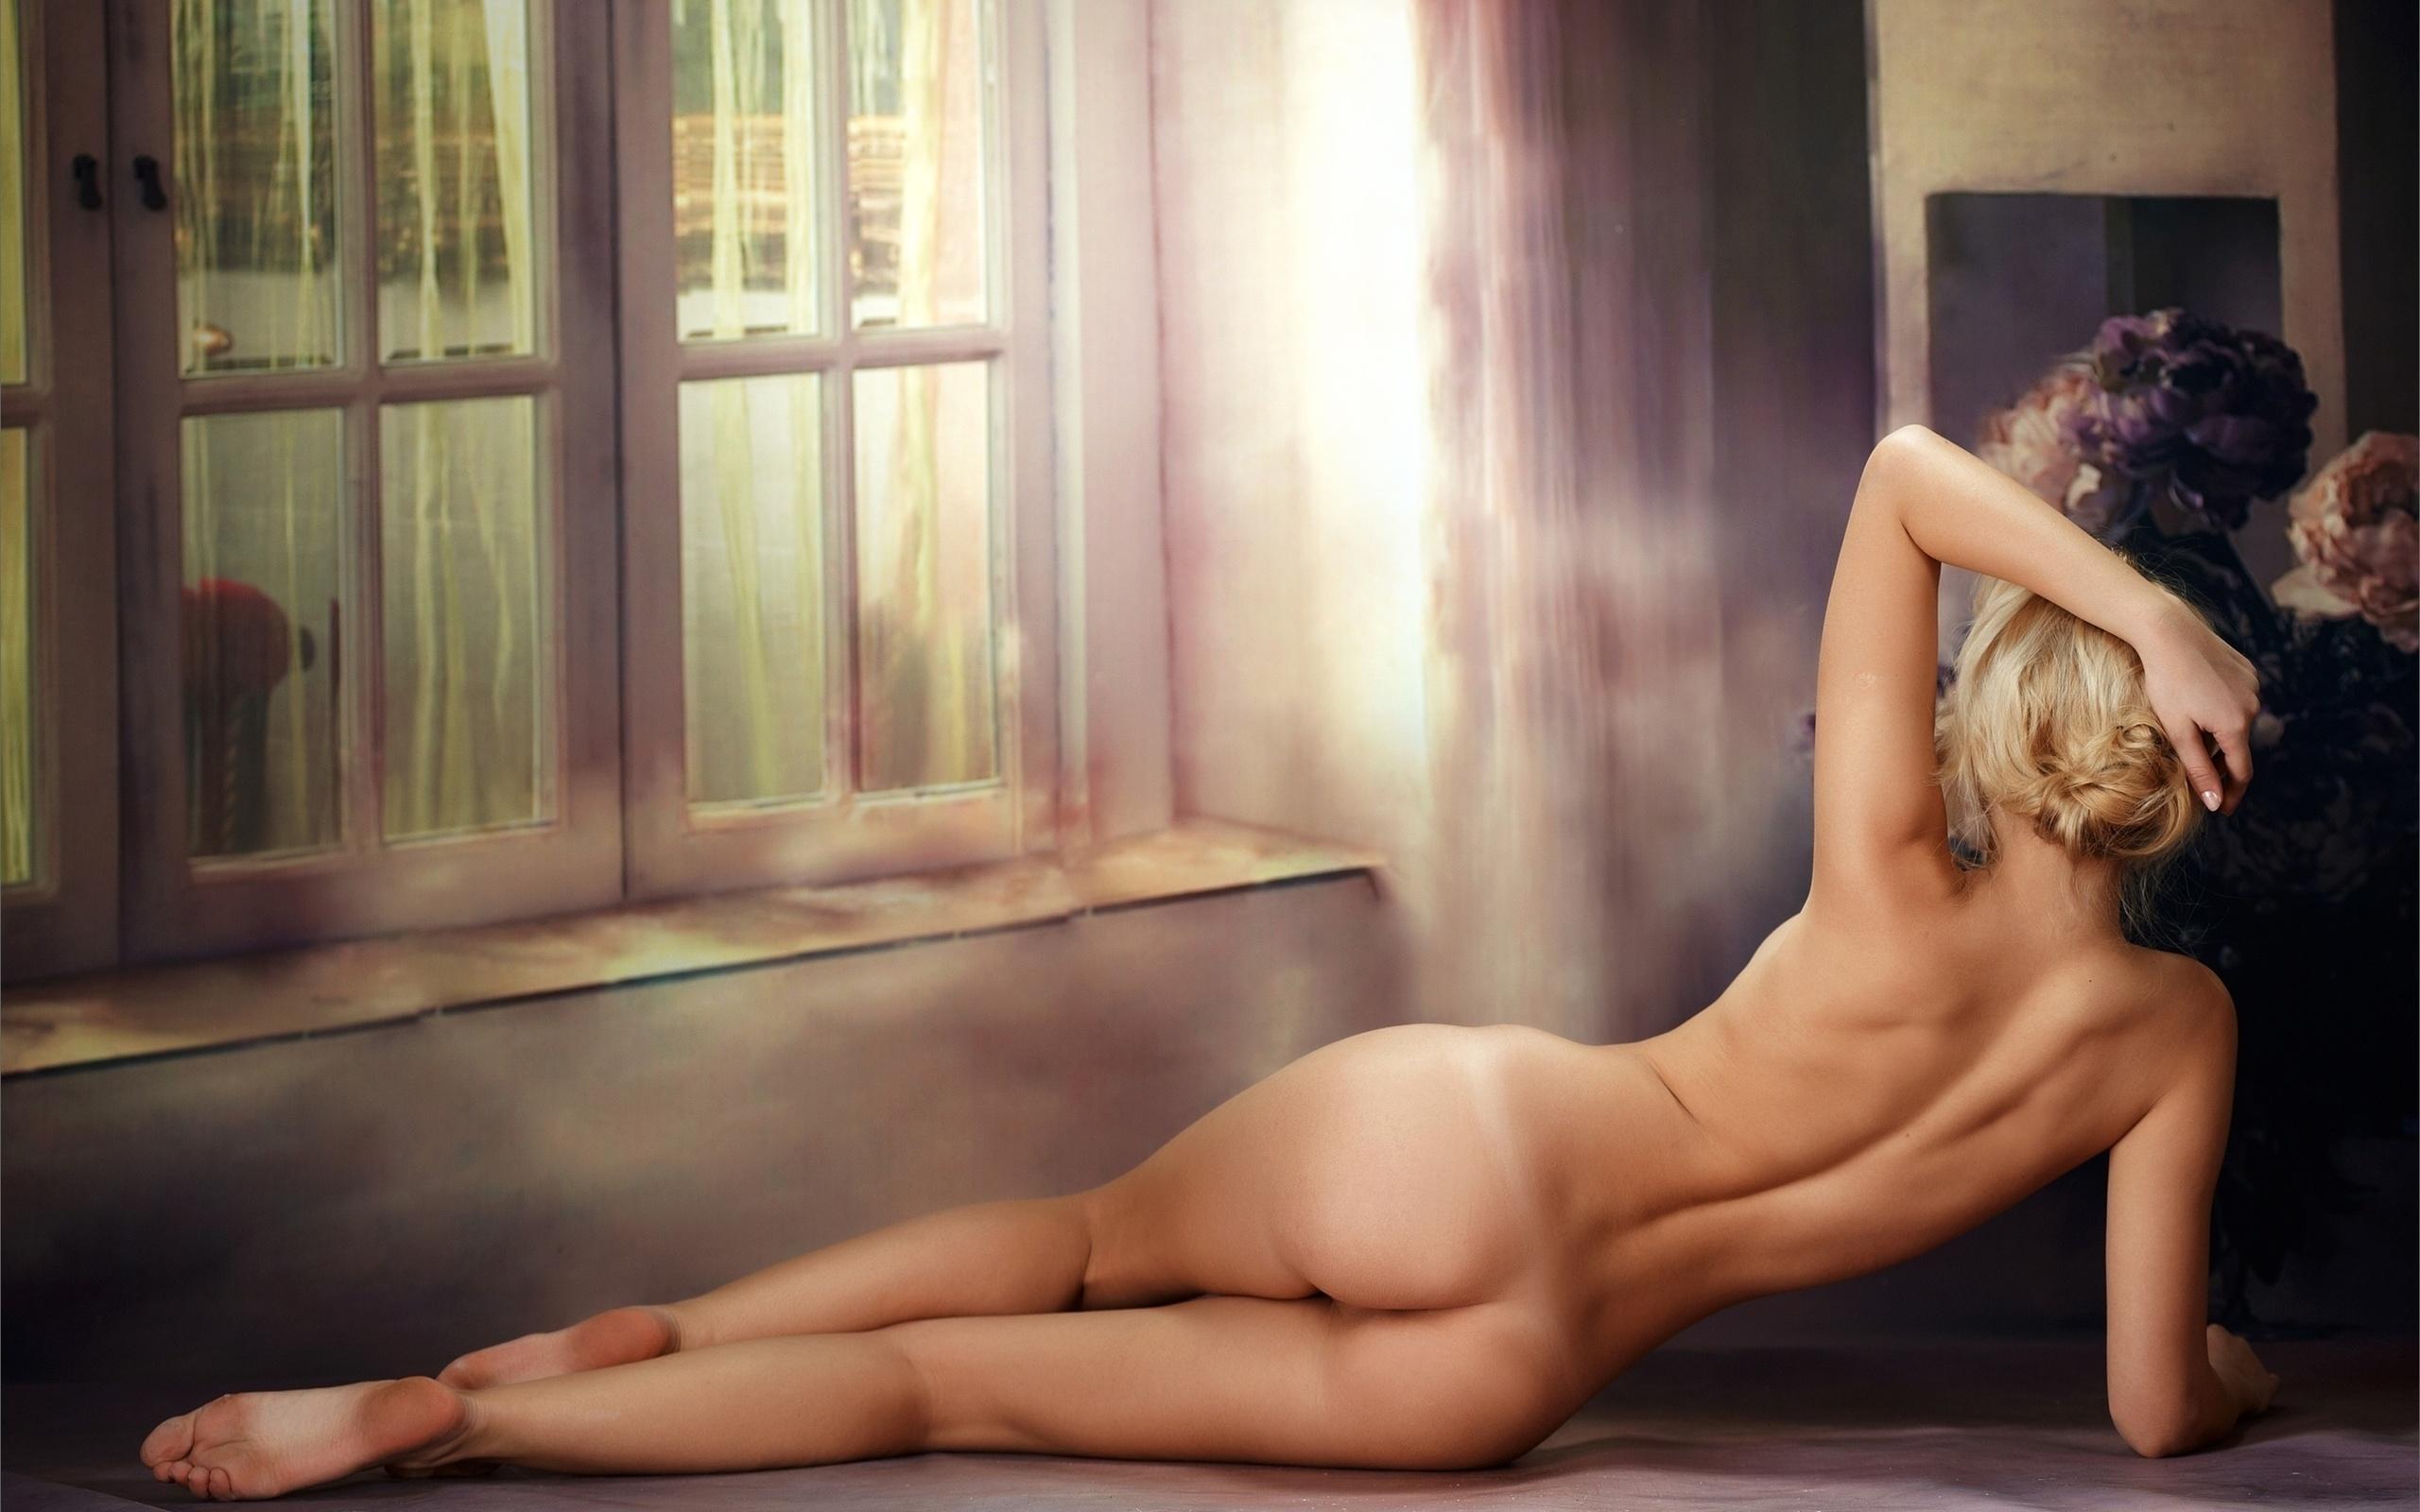 как пляж картинки девушка на диване голая сидит спиной касается